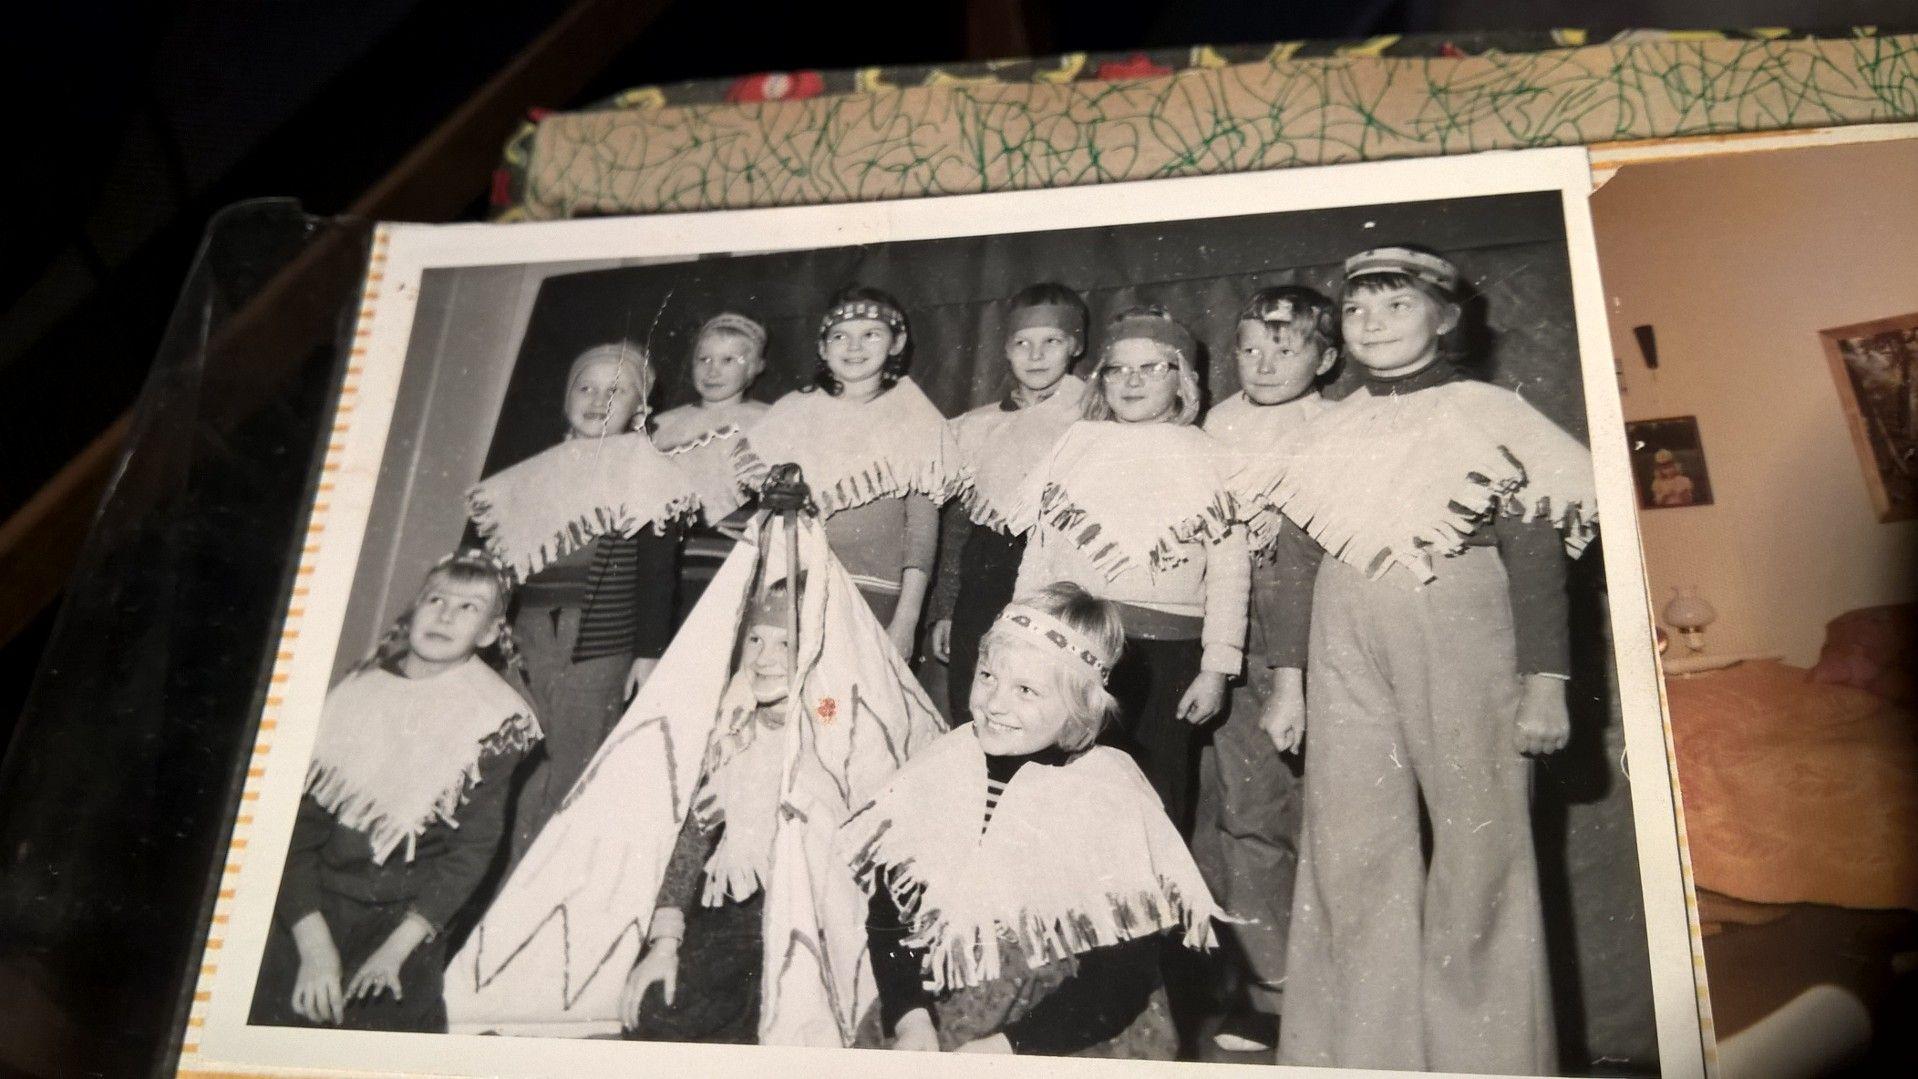 Olen valokuvassa oikealla. Teimme koulun käsityötunnilla intiaanipäähineet, ponchot, ja teltan. Vuosi oli 1974.